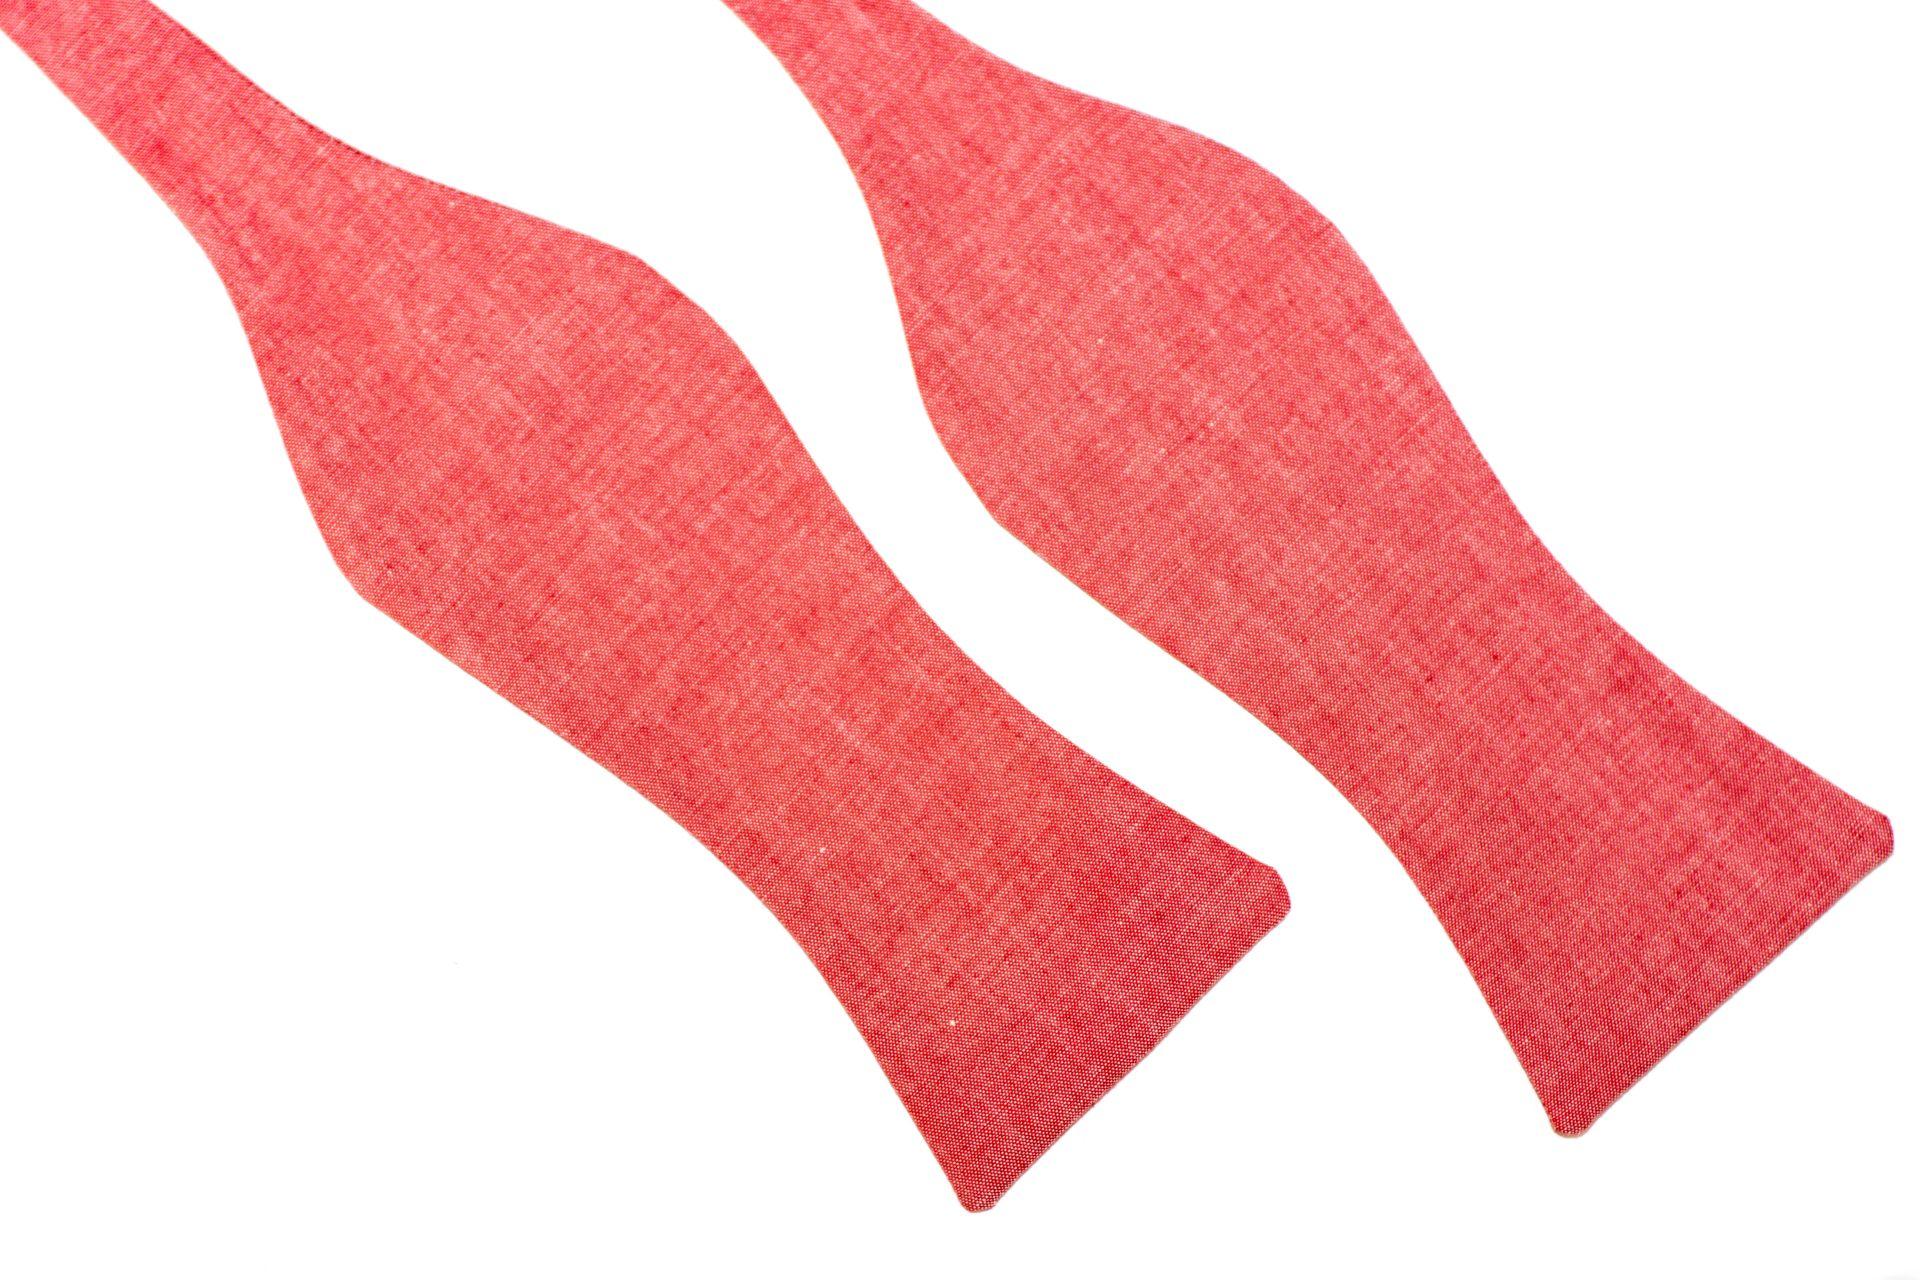 Herren Anzug Schleife lachsfarben rose aus Leinen zum selberbinden – Selbstbinder